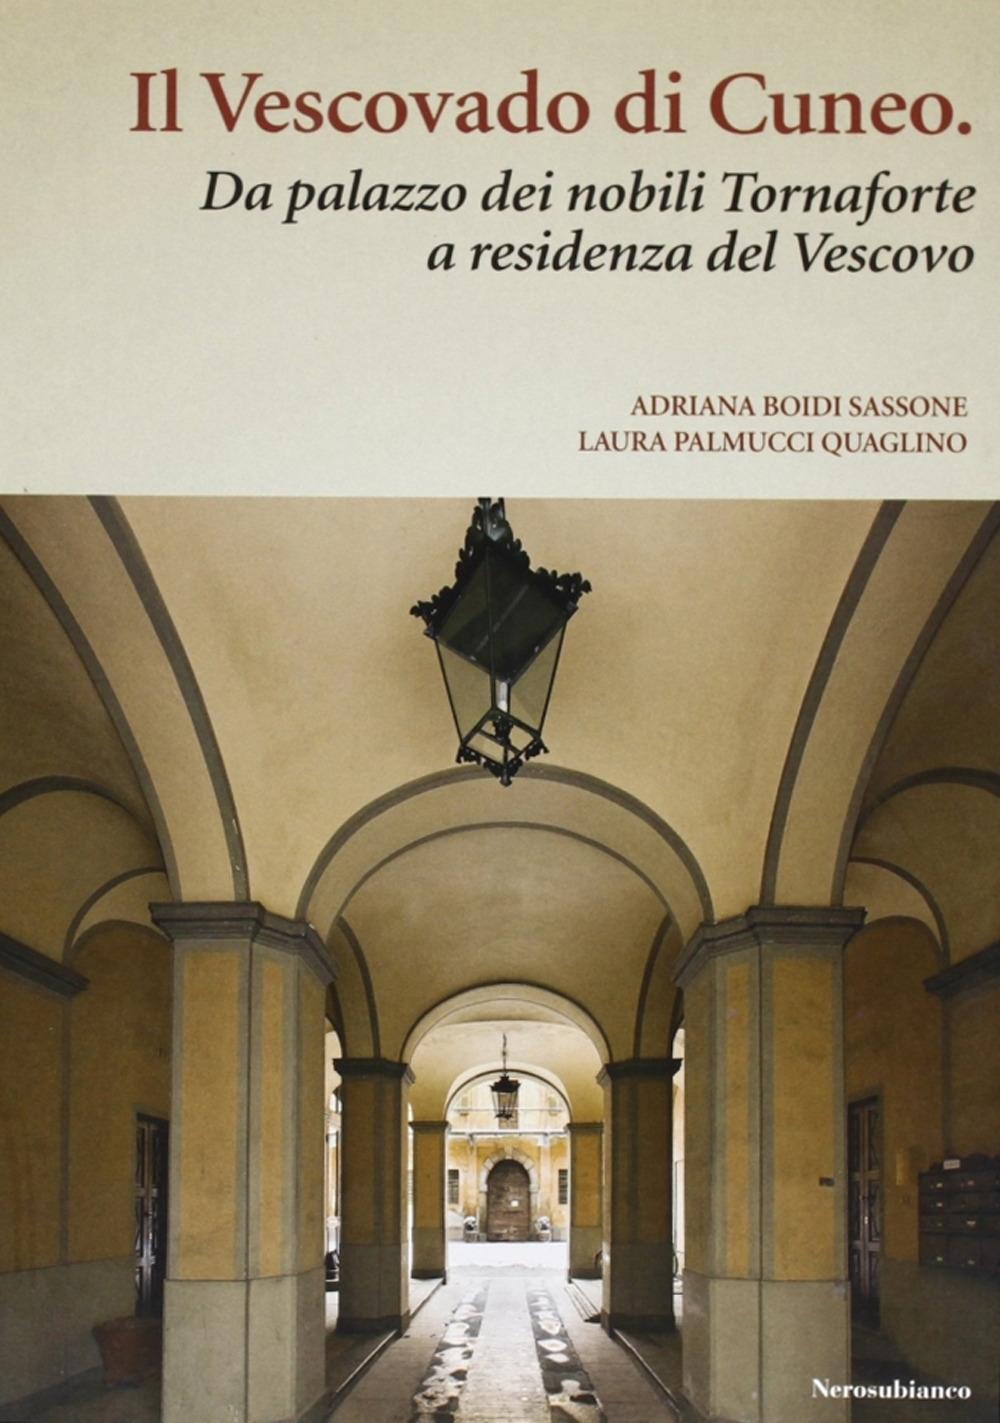 Il vescovado di Cuneo. Da palazzo dei nobili Tornaforte a residenza del vescovo